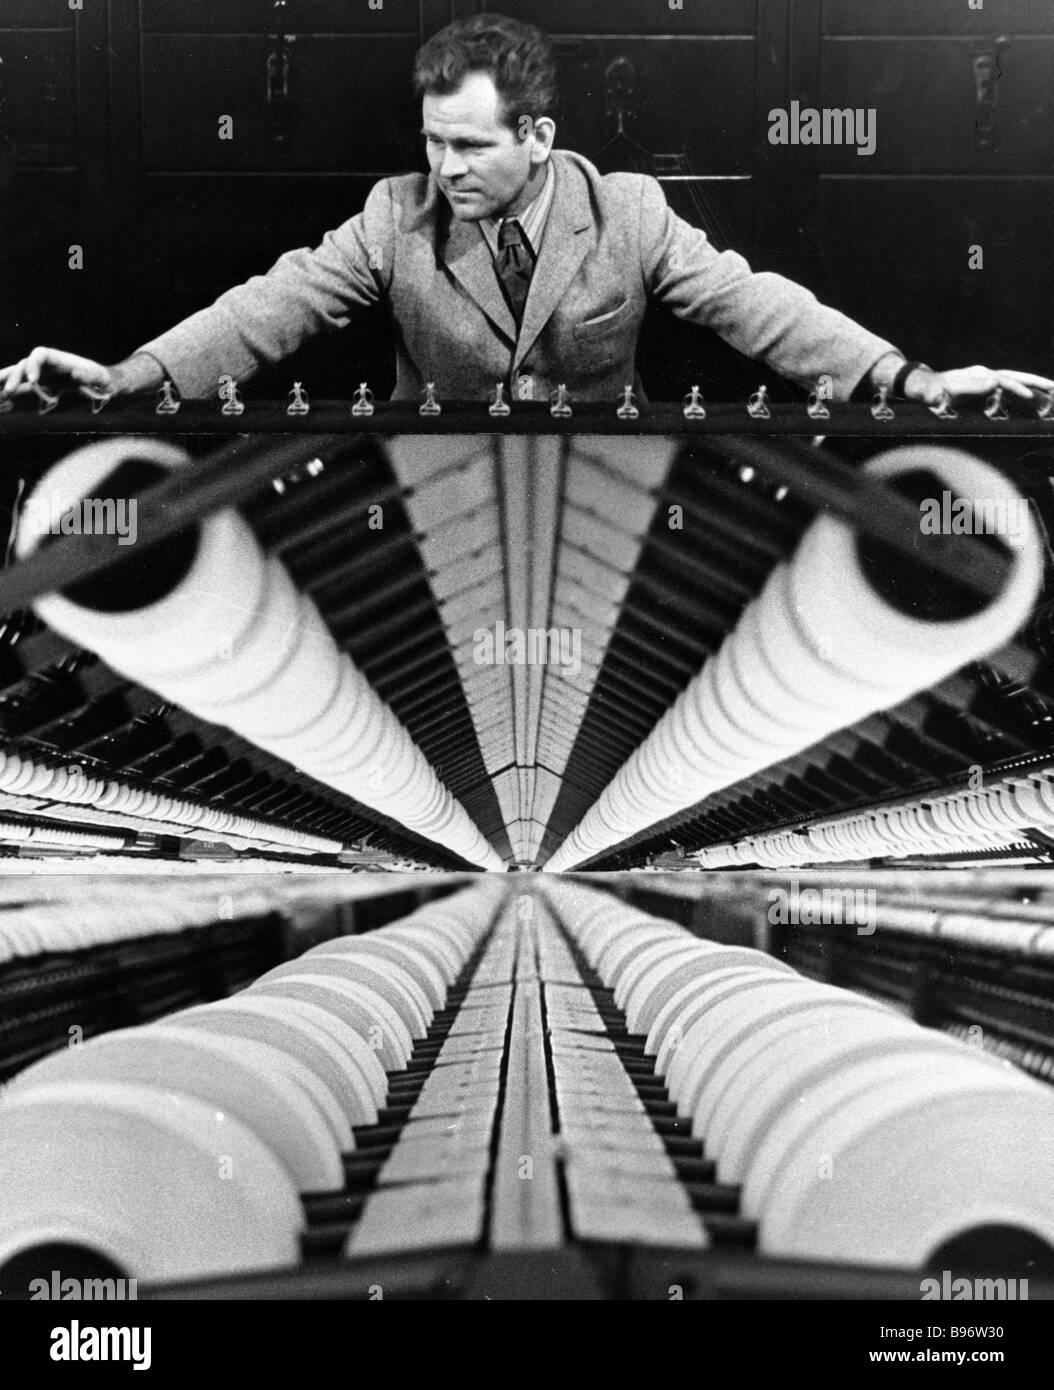 Un lavoratore in un impianto tessile Immagini Stock